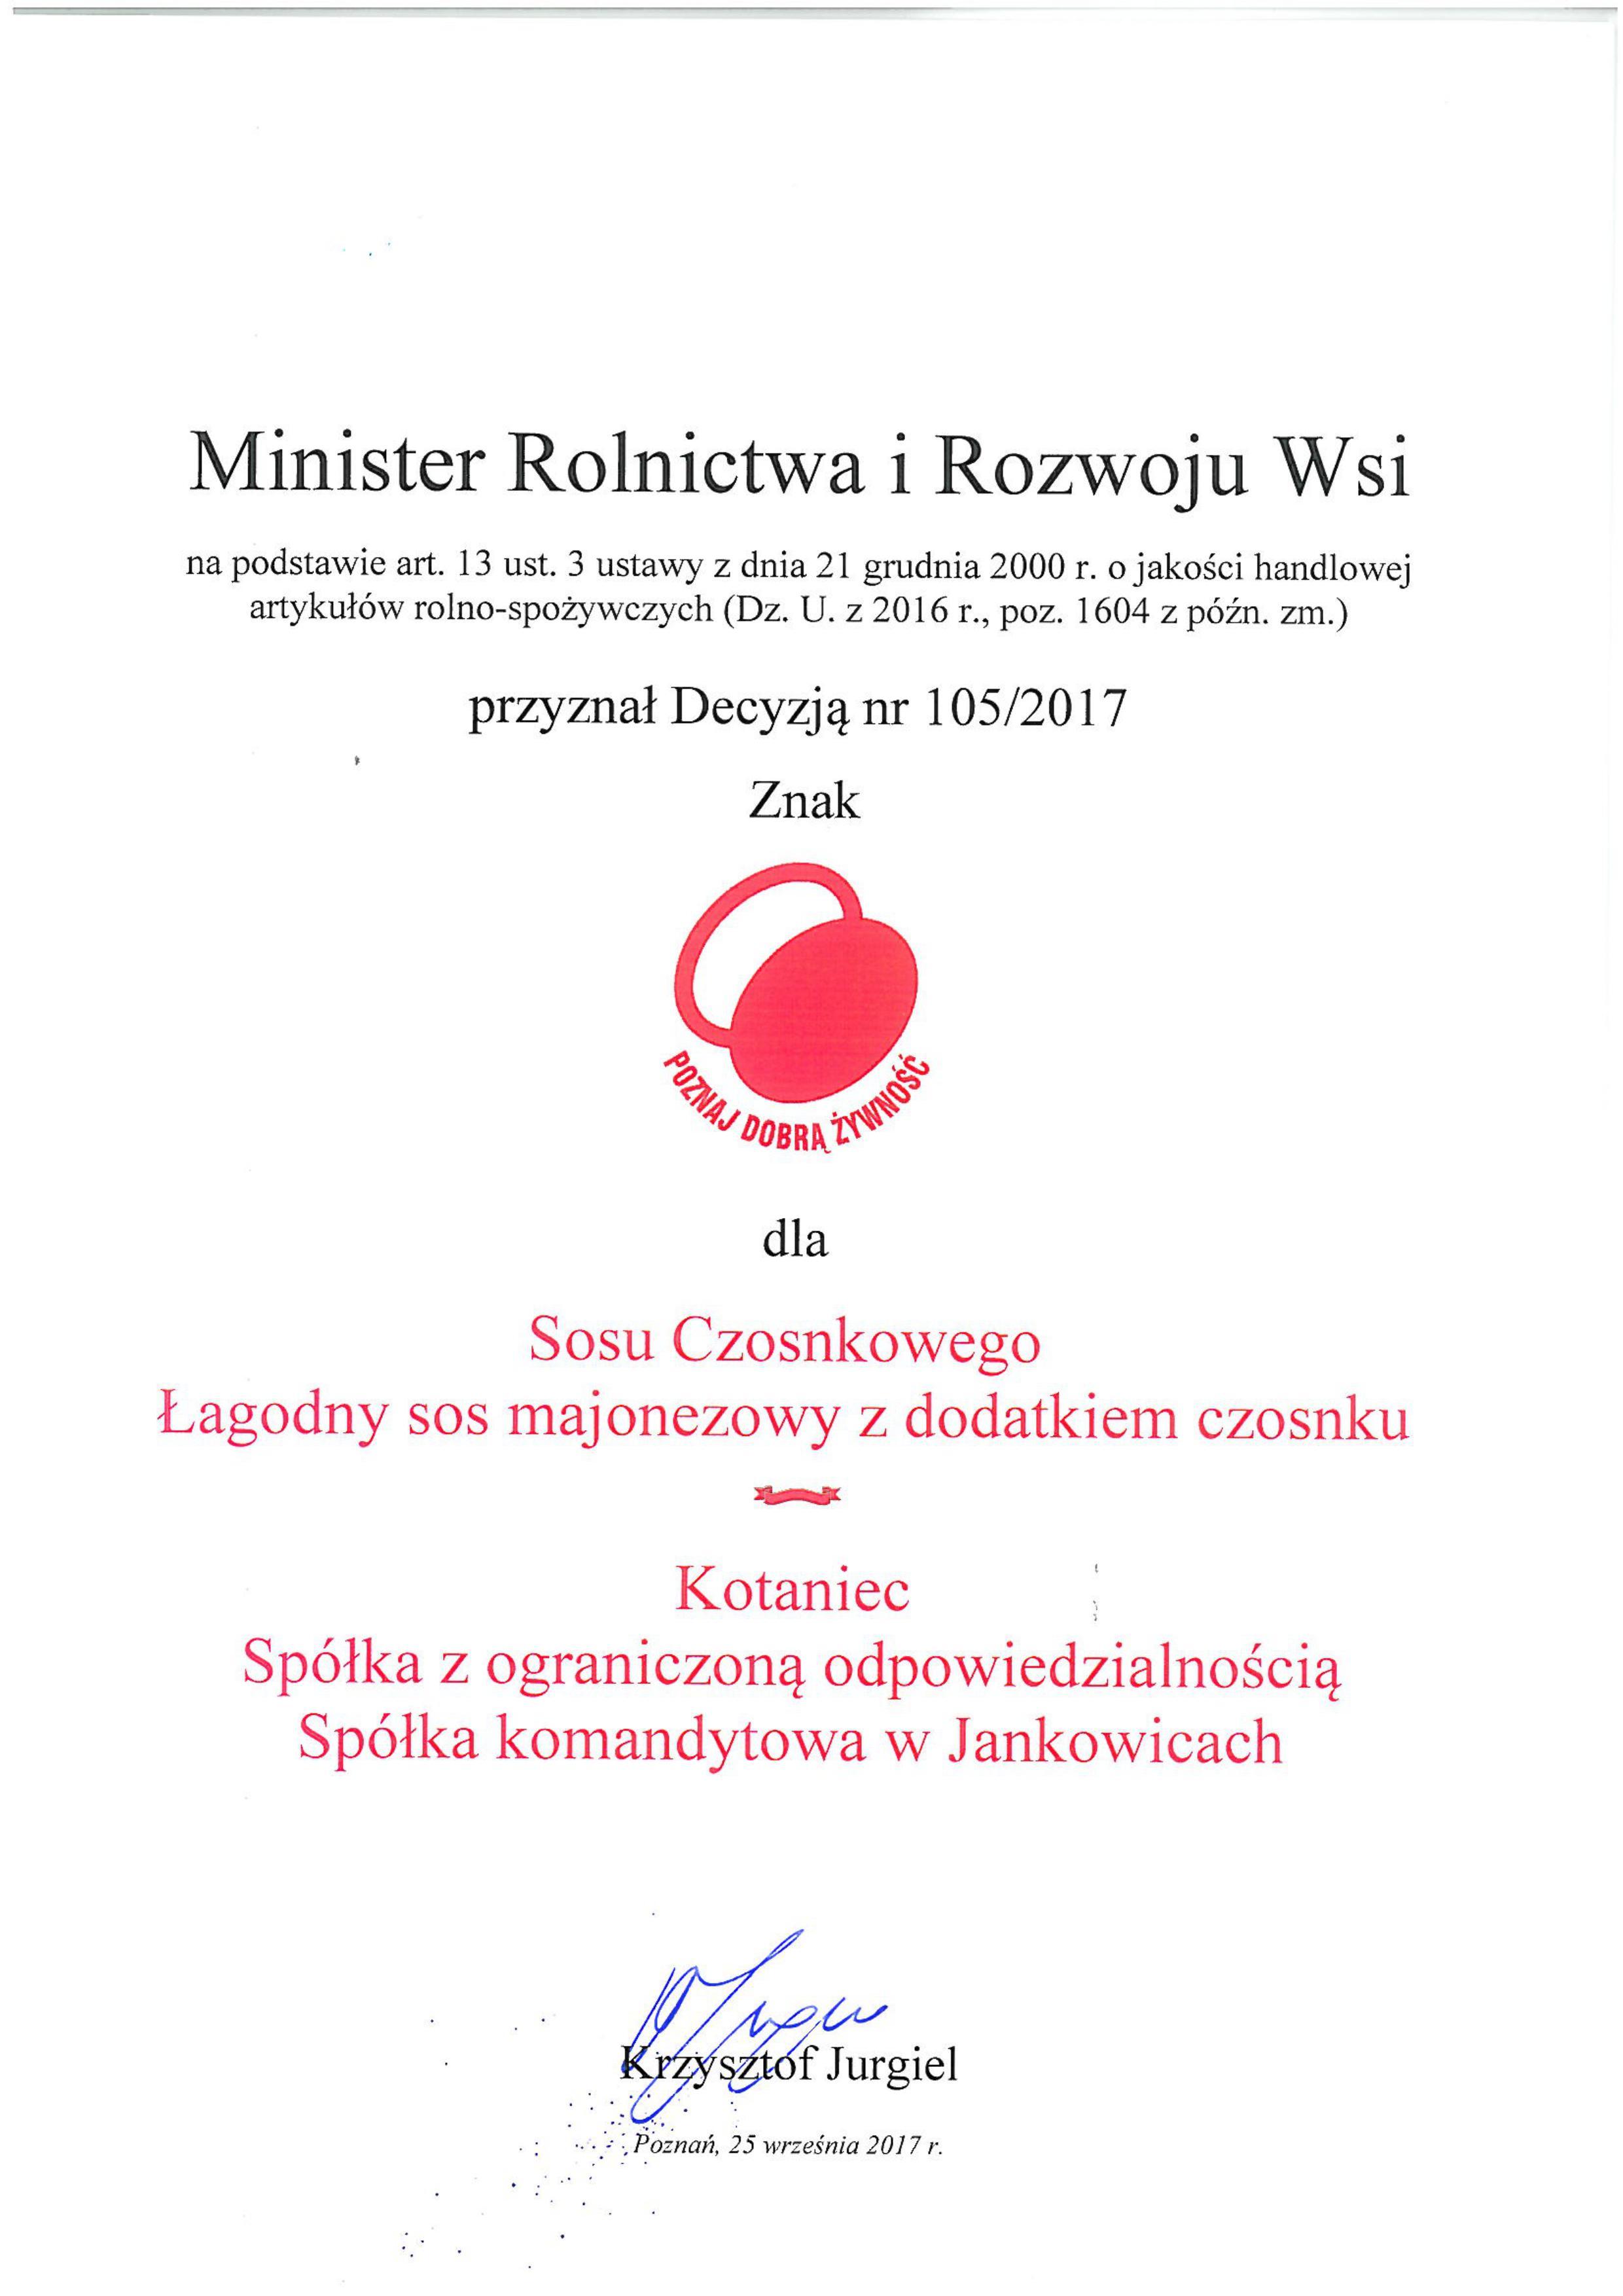 (Polski) Znak Poznaj Dobrą Żywność dla sosu czosnkowego Folwark